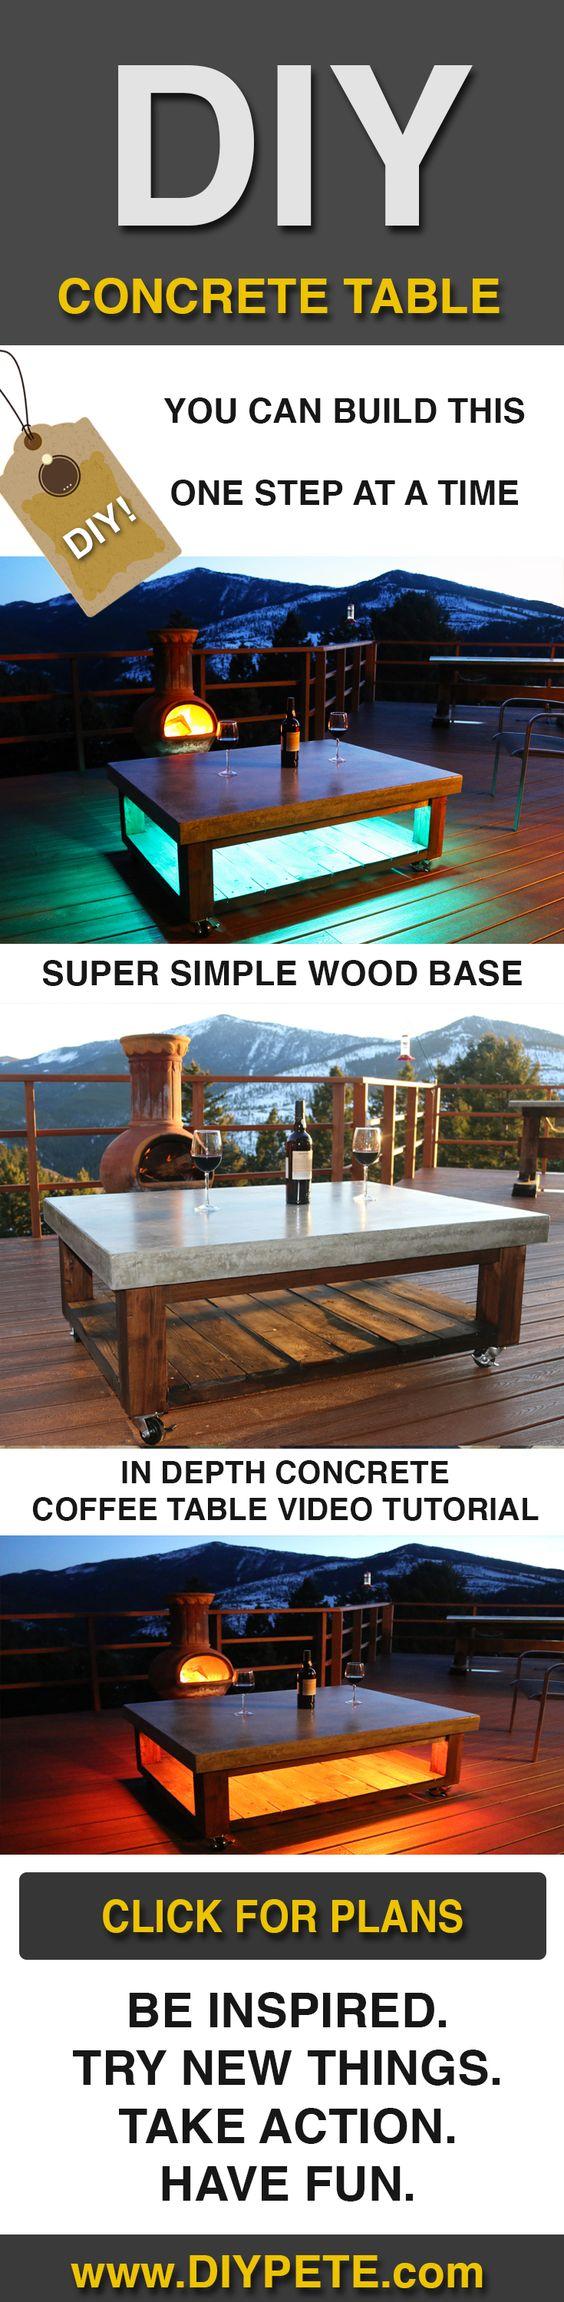 DIY Patio Concrete Coffee Table: